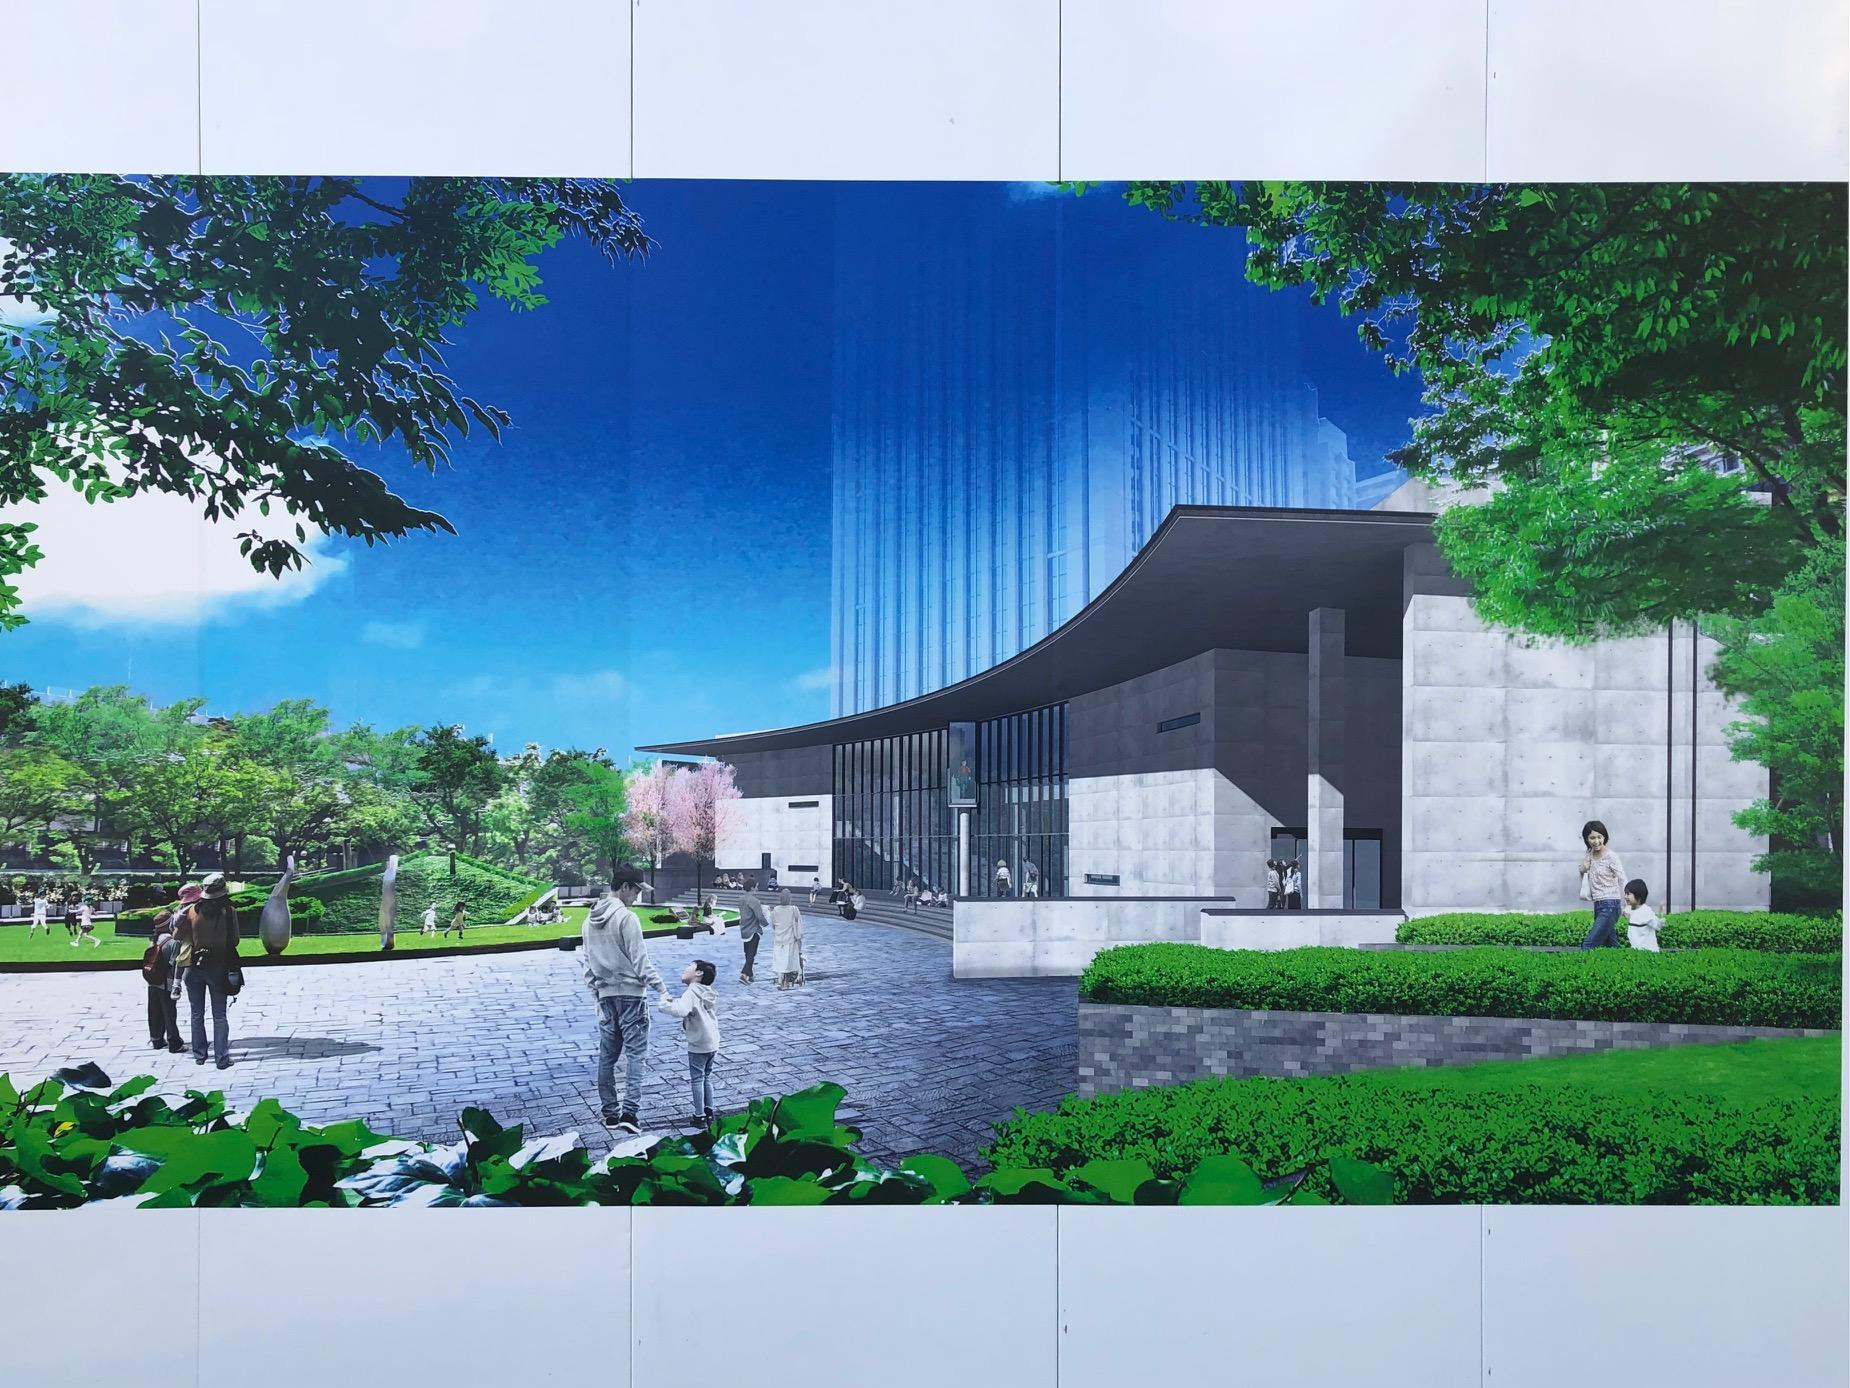 工事現場のパネルより、「こども本の森 神戸」のイメージ。2022年春にオープン予定。